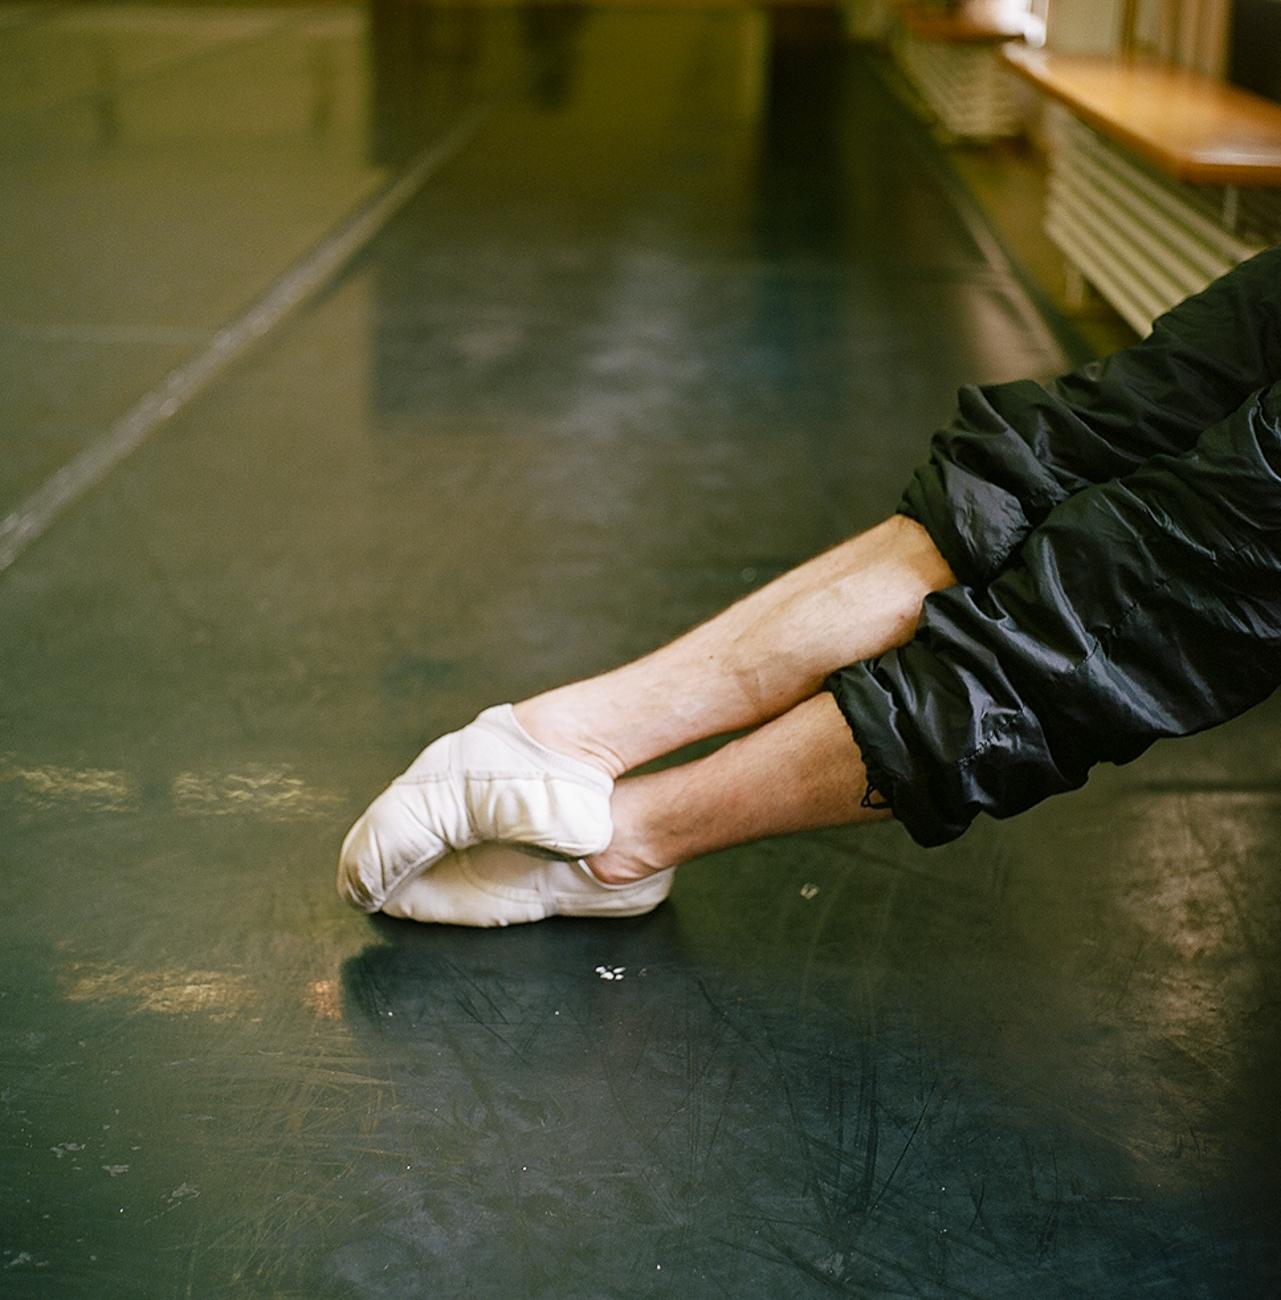 La confection de robes et de costumes pour le ballet et l'opéra exige des compétences spéciales et rares, et beaucoup de travail manuel. C'est pourquoi le Bolchoï a son propre atelier de confection de costumes. Le ballet du Bolchoï est également soutenu par un orchestre de talent, le plus ancien et le plus grand de Russie, avec plus de 250 musiciens.